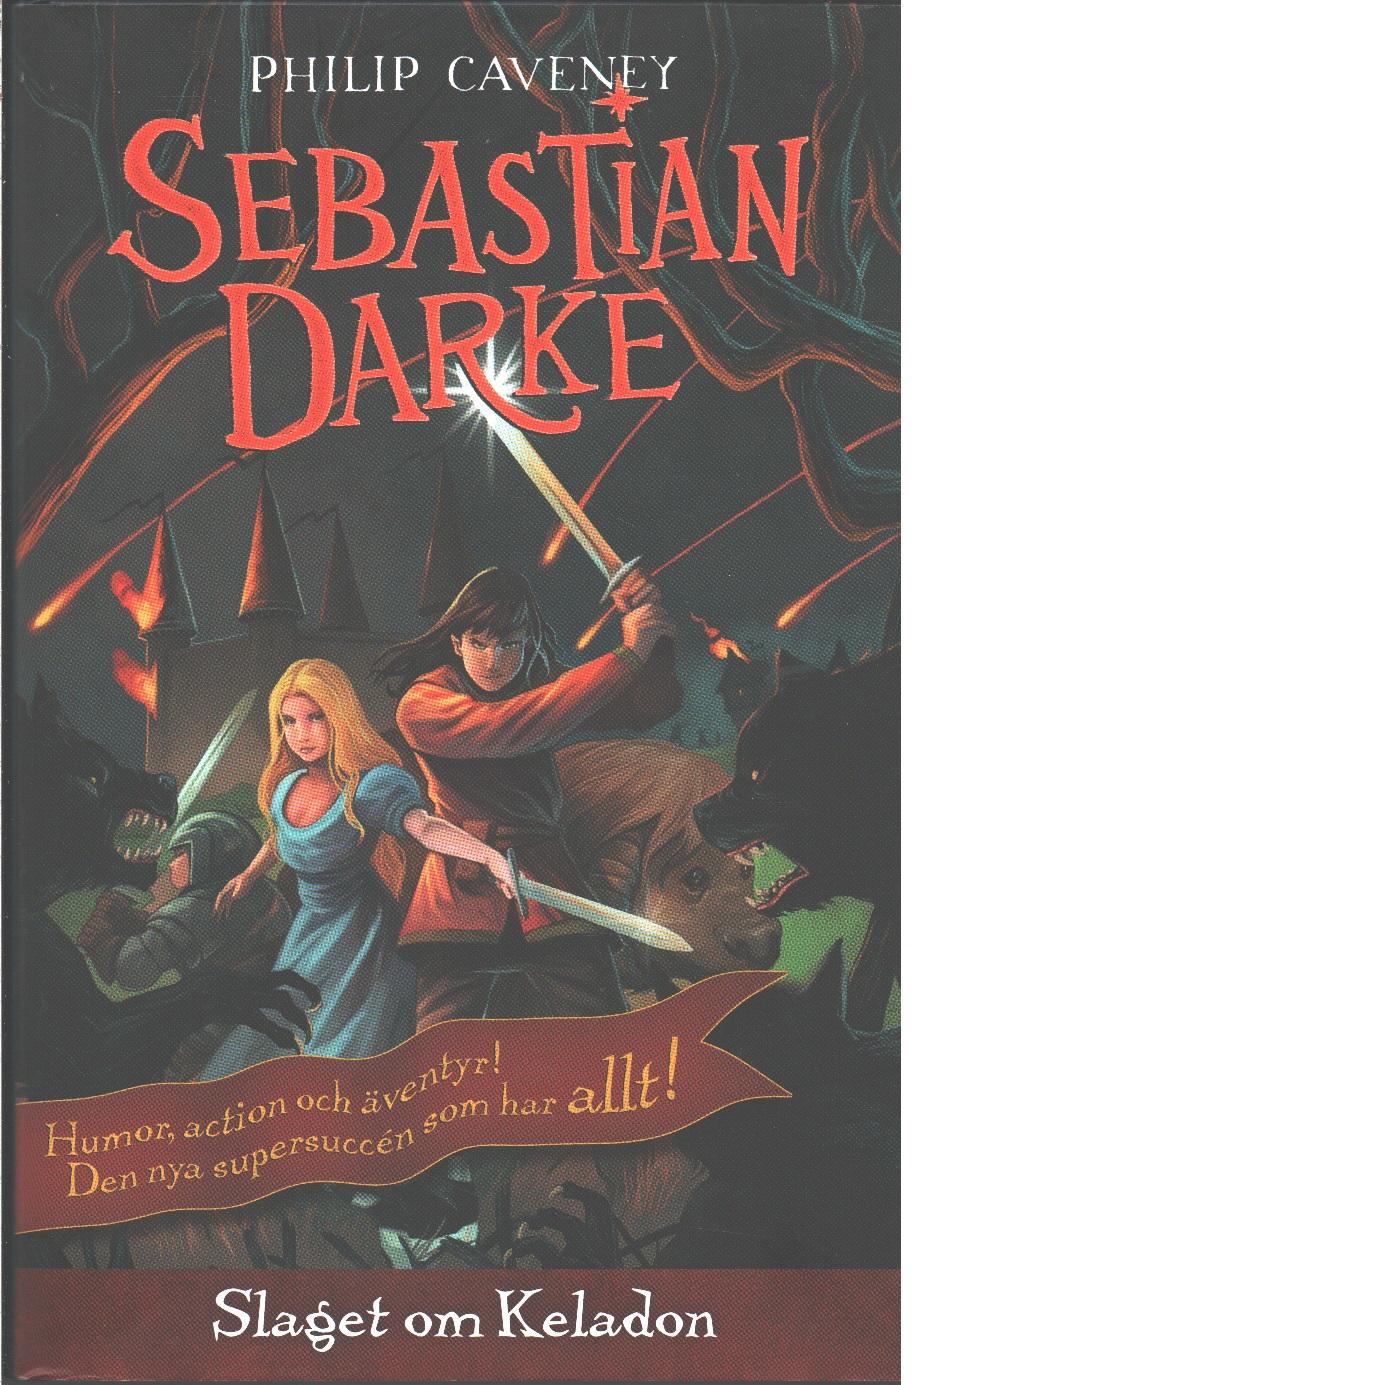 Slaget om Keladon  - Caveney, Philip och Wiberg, Carla